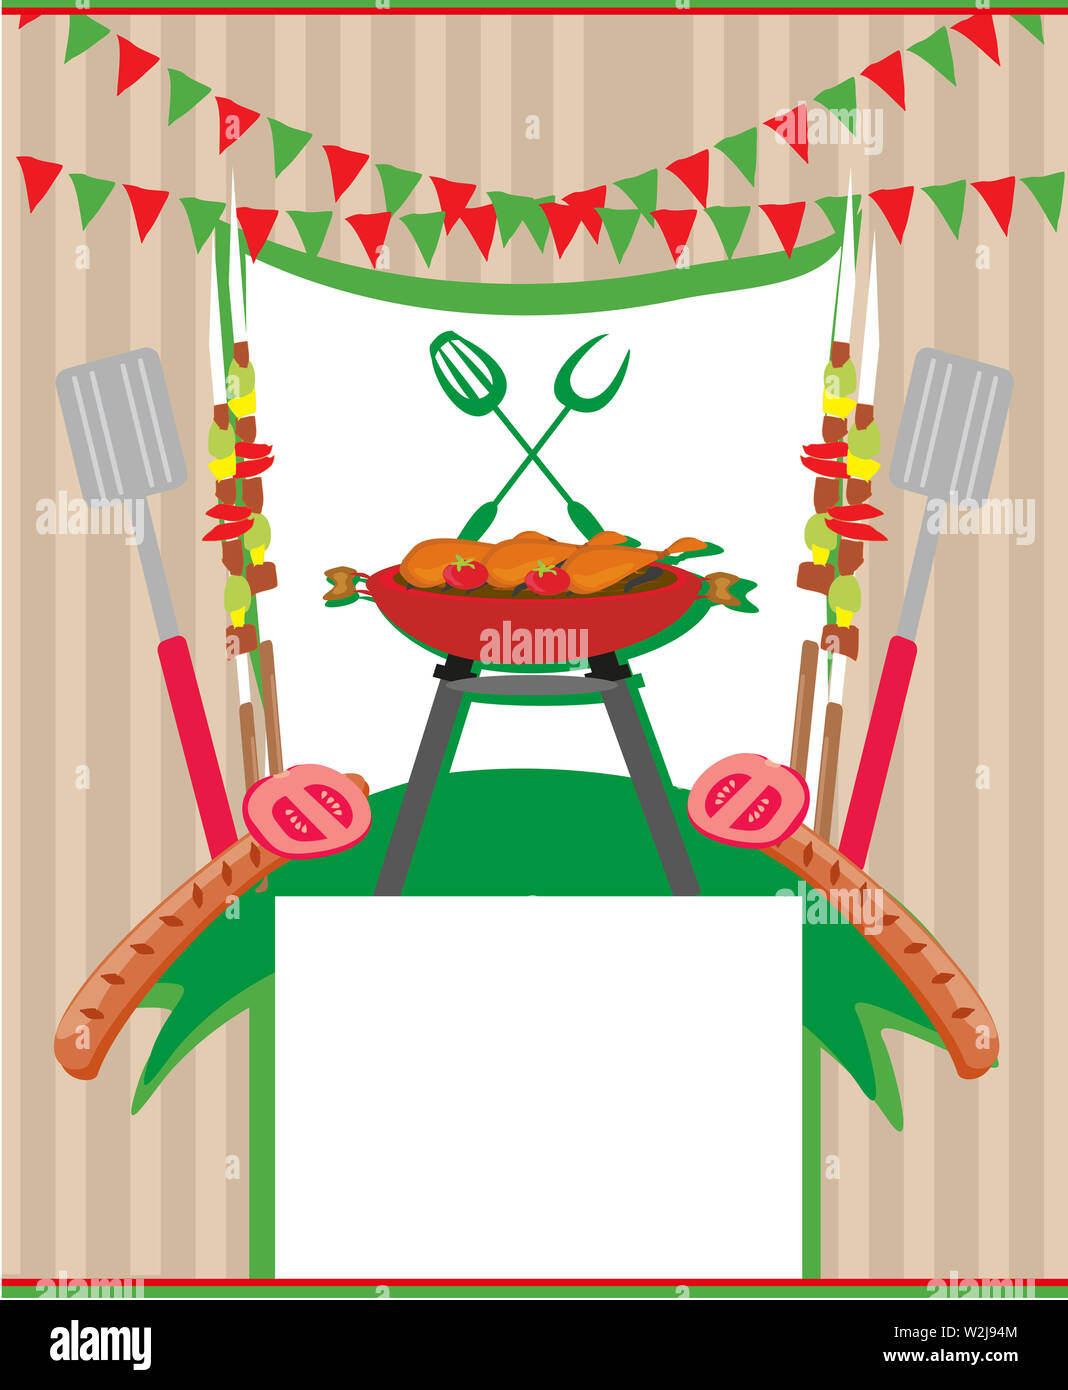 Parrillada Menú Invitación Tarjeta Foto Imagen De Stock